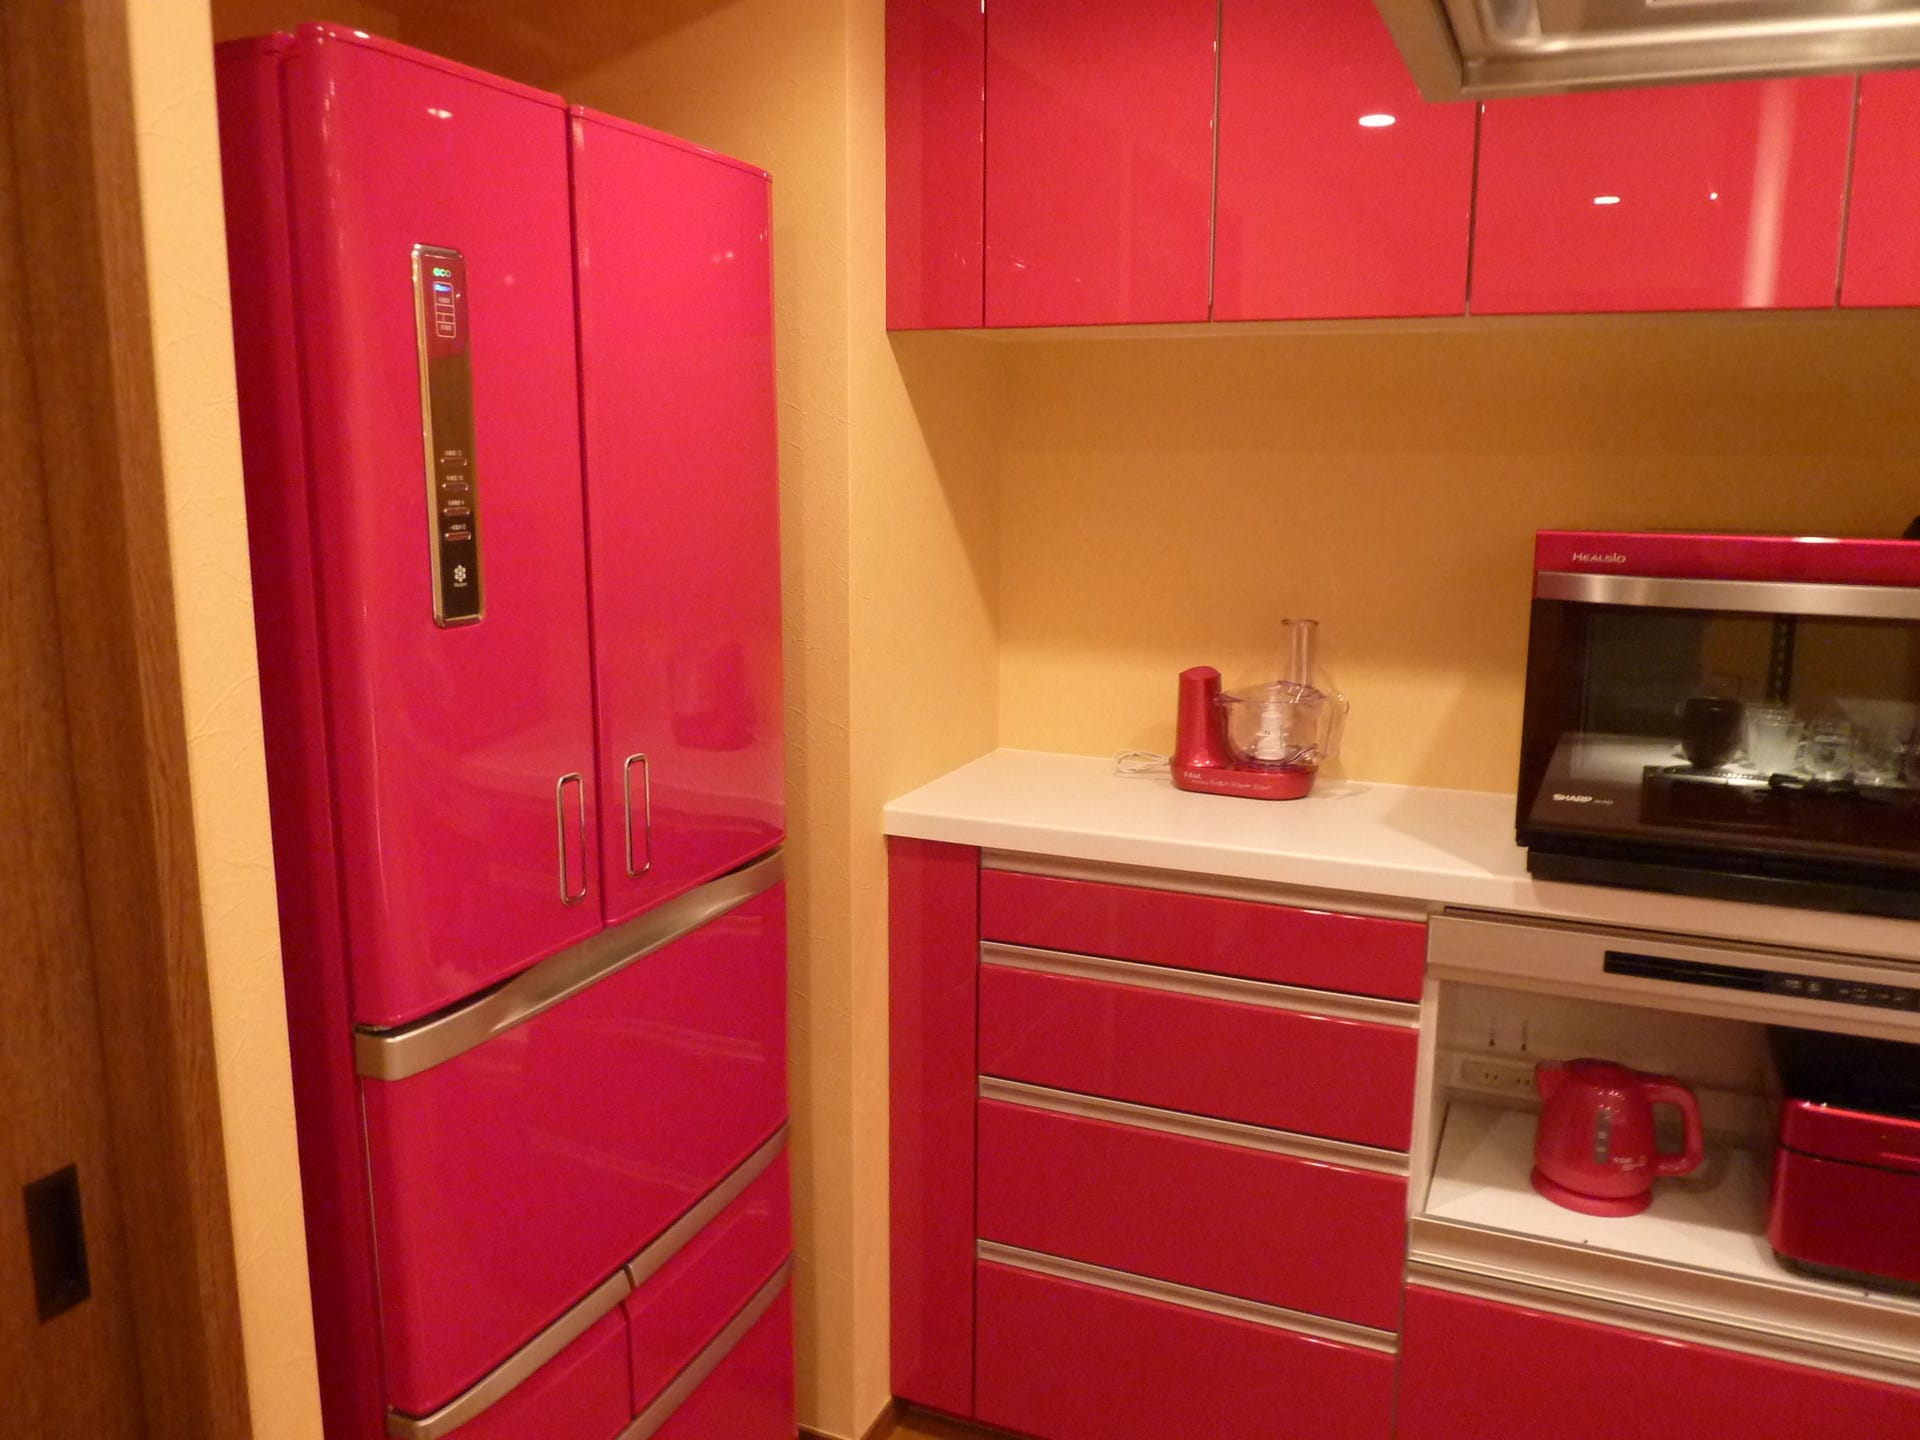 キッチンメーカーのキッチンにも似合う素敵なカラー冷蔵庫はいかが